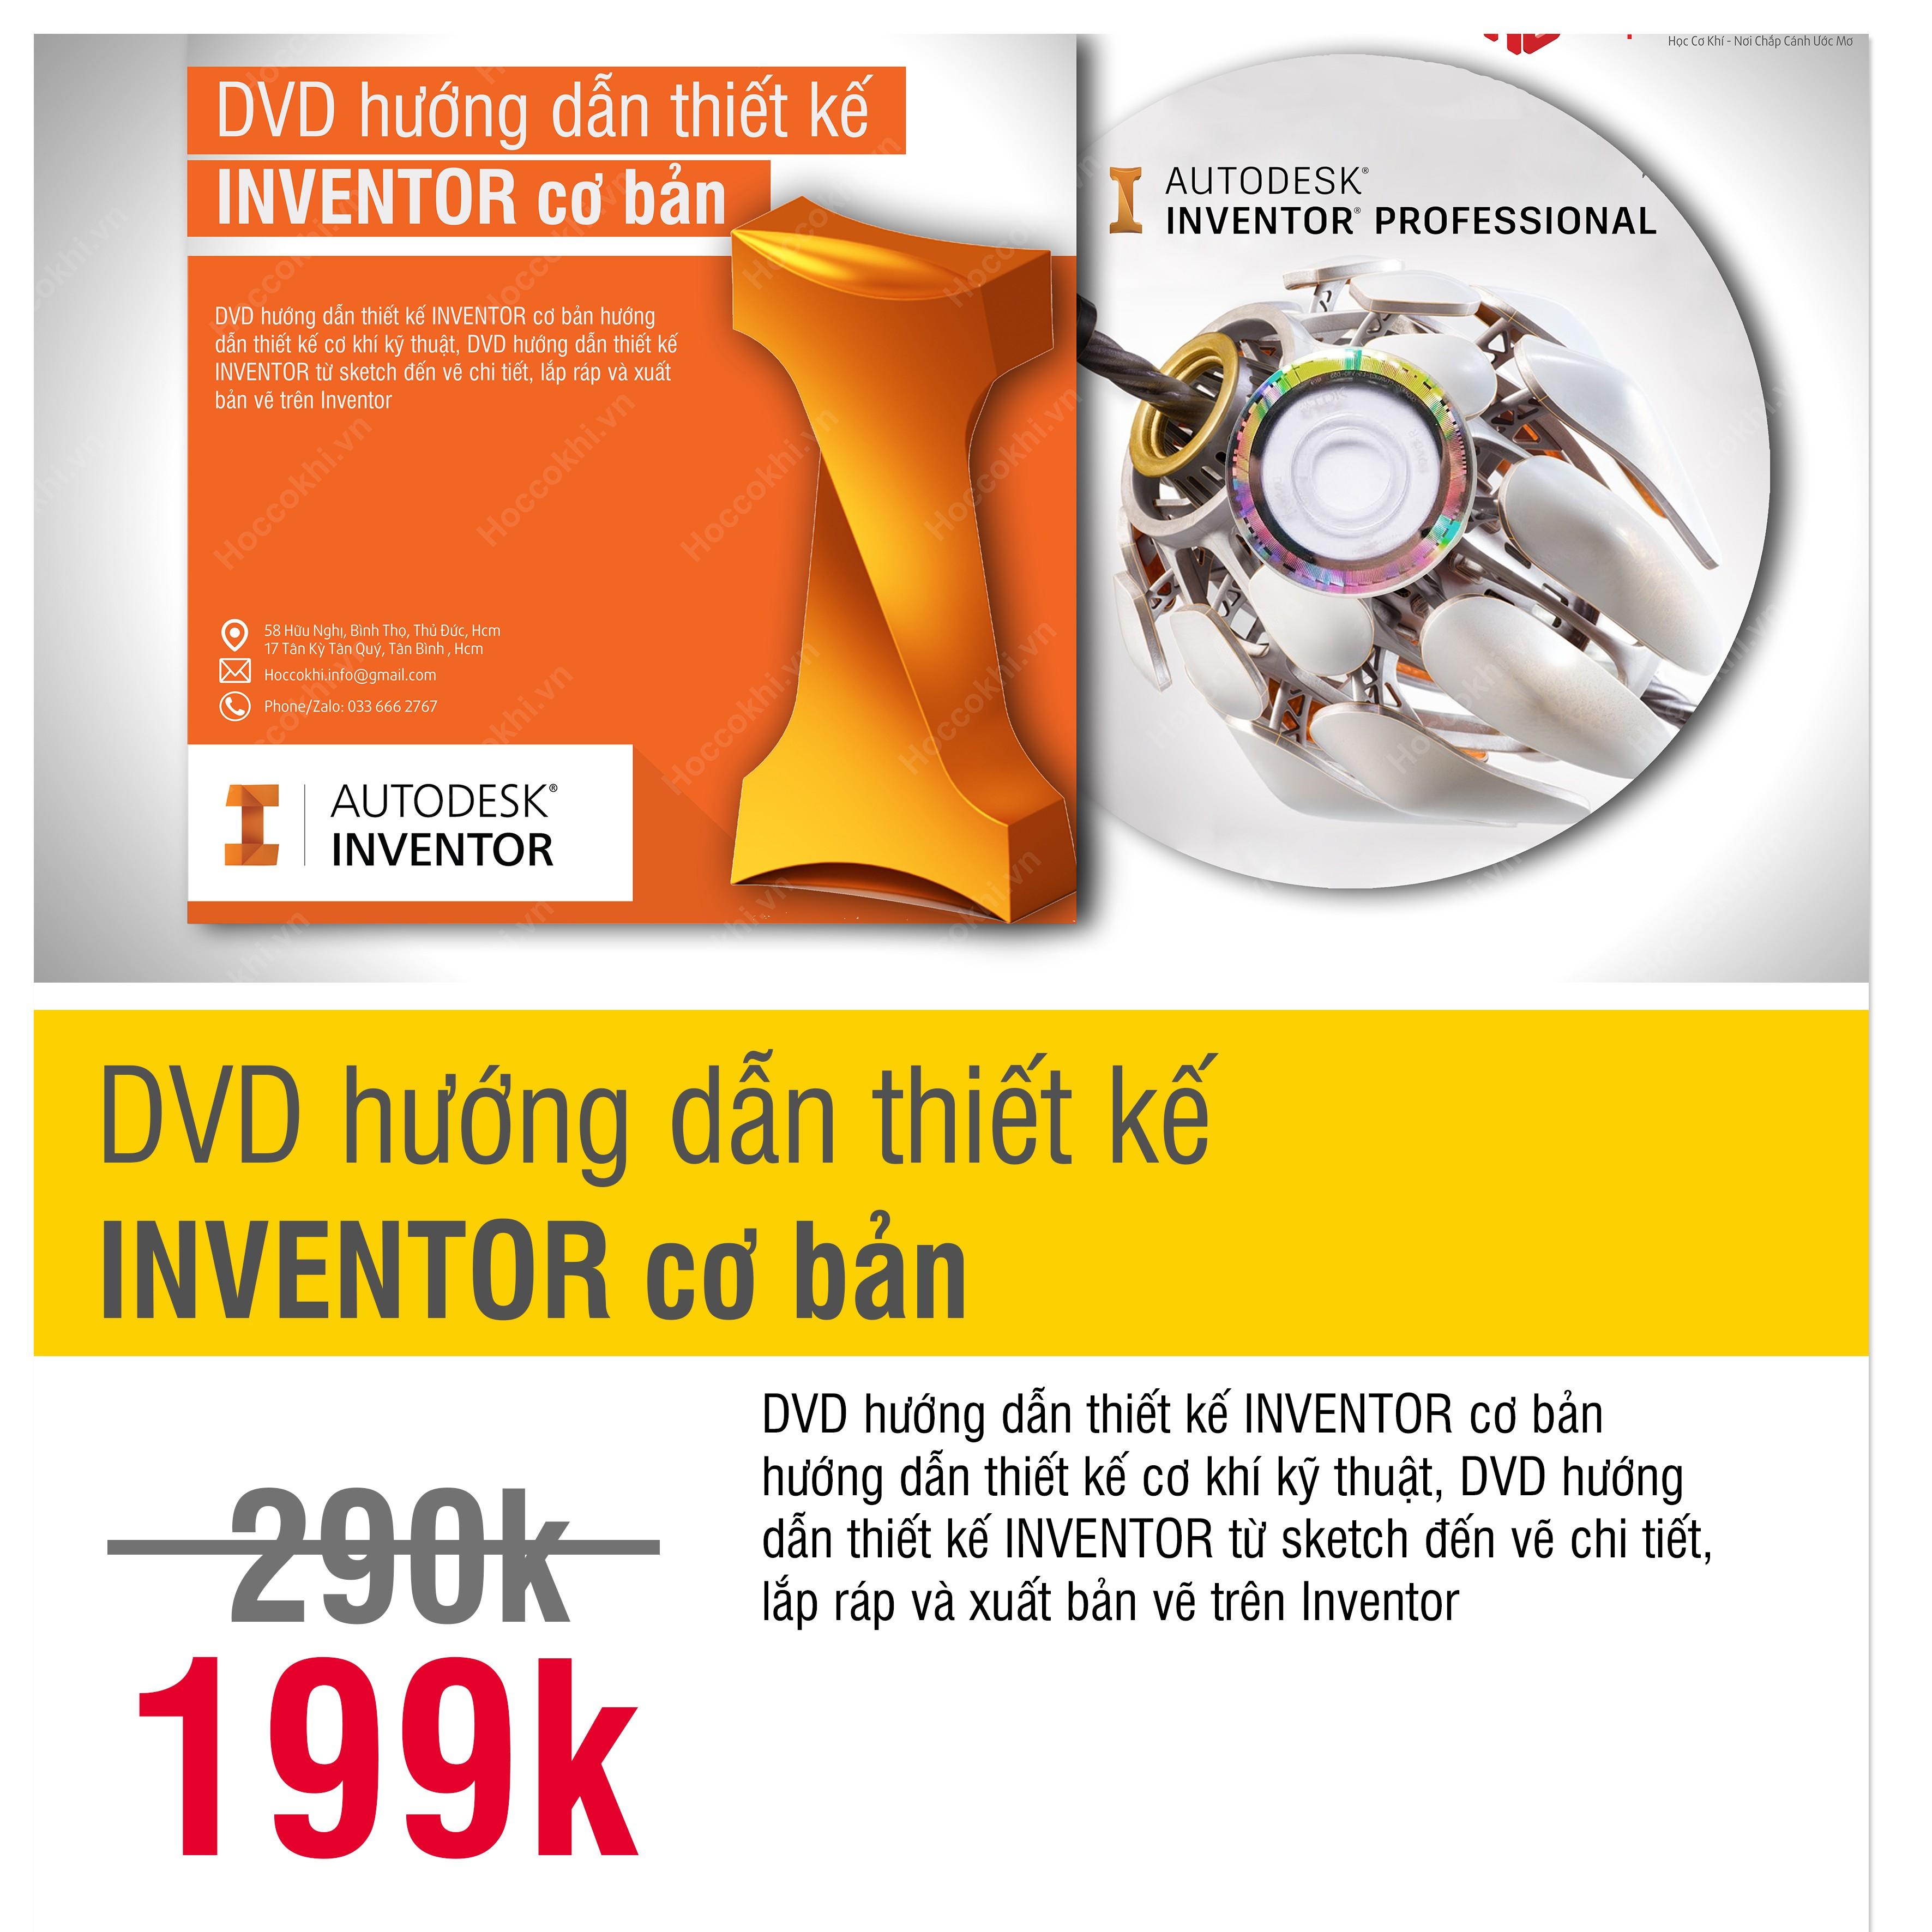 DVD hướng dẫn thiết kế INVENTOR cơ bản